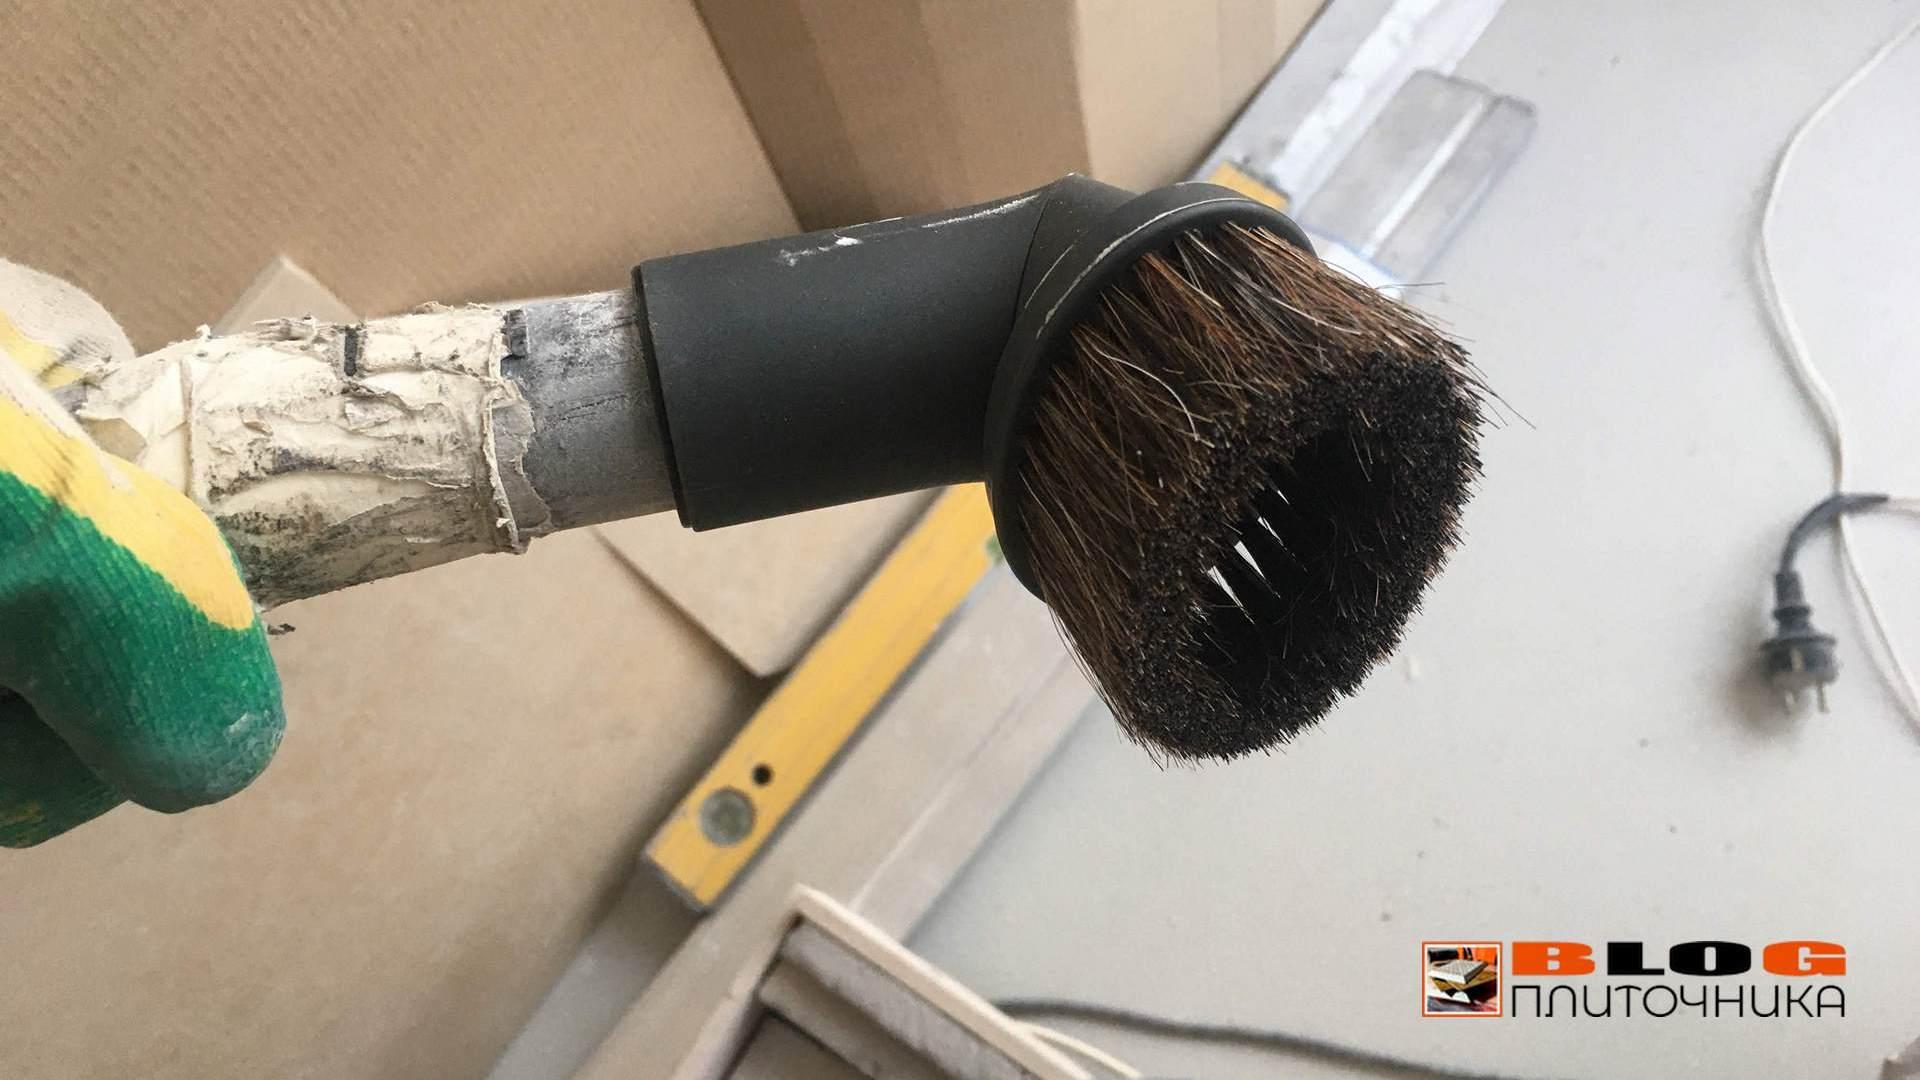 насадка для чистки швов для пылесоса блог плиточника